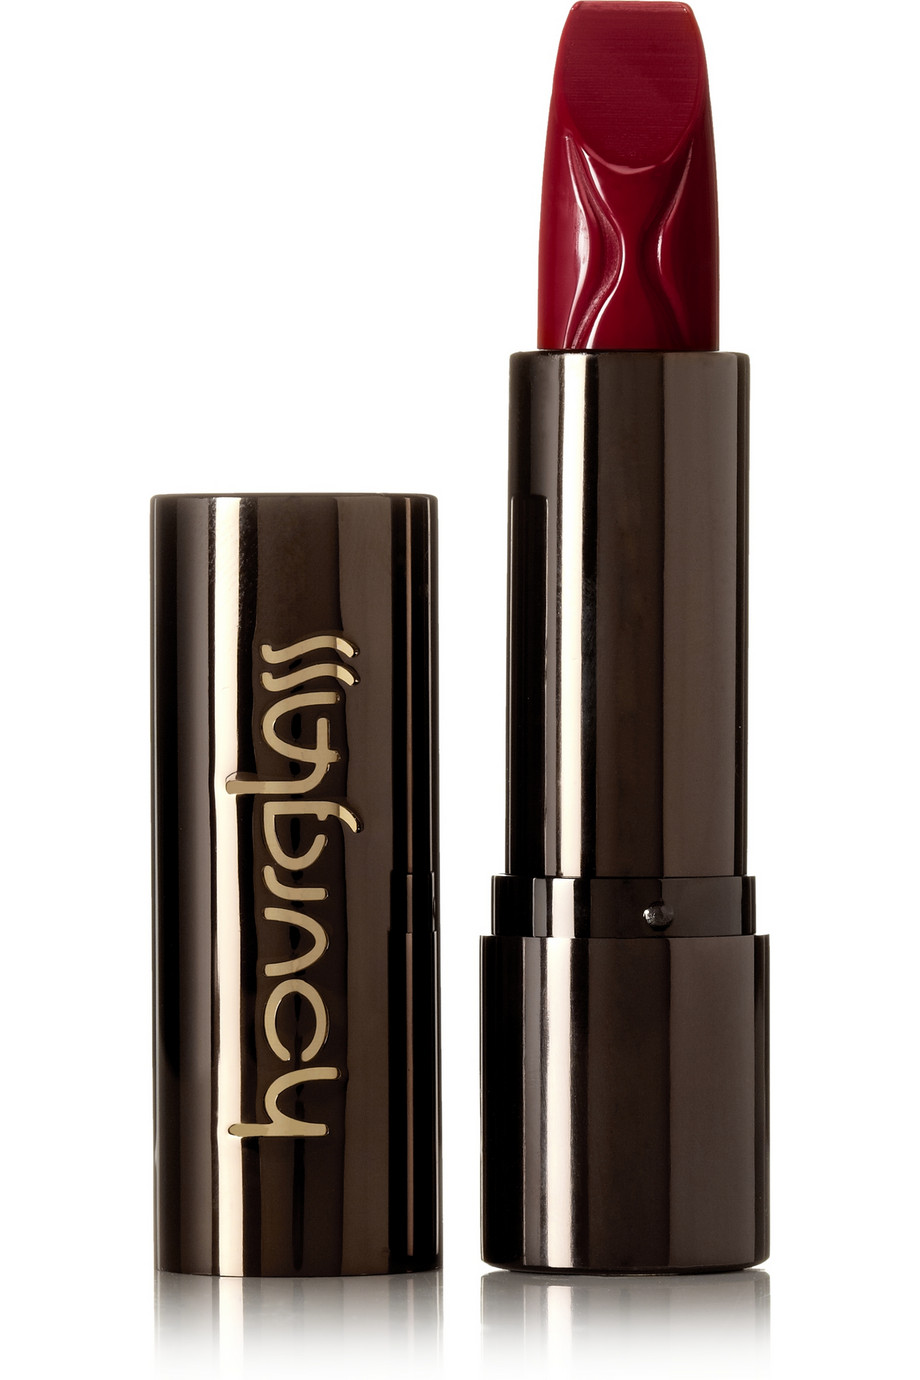 HOURGLASS  Femme Rouge Velvet Crème Lipstick buy HERE